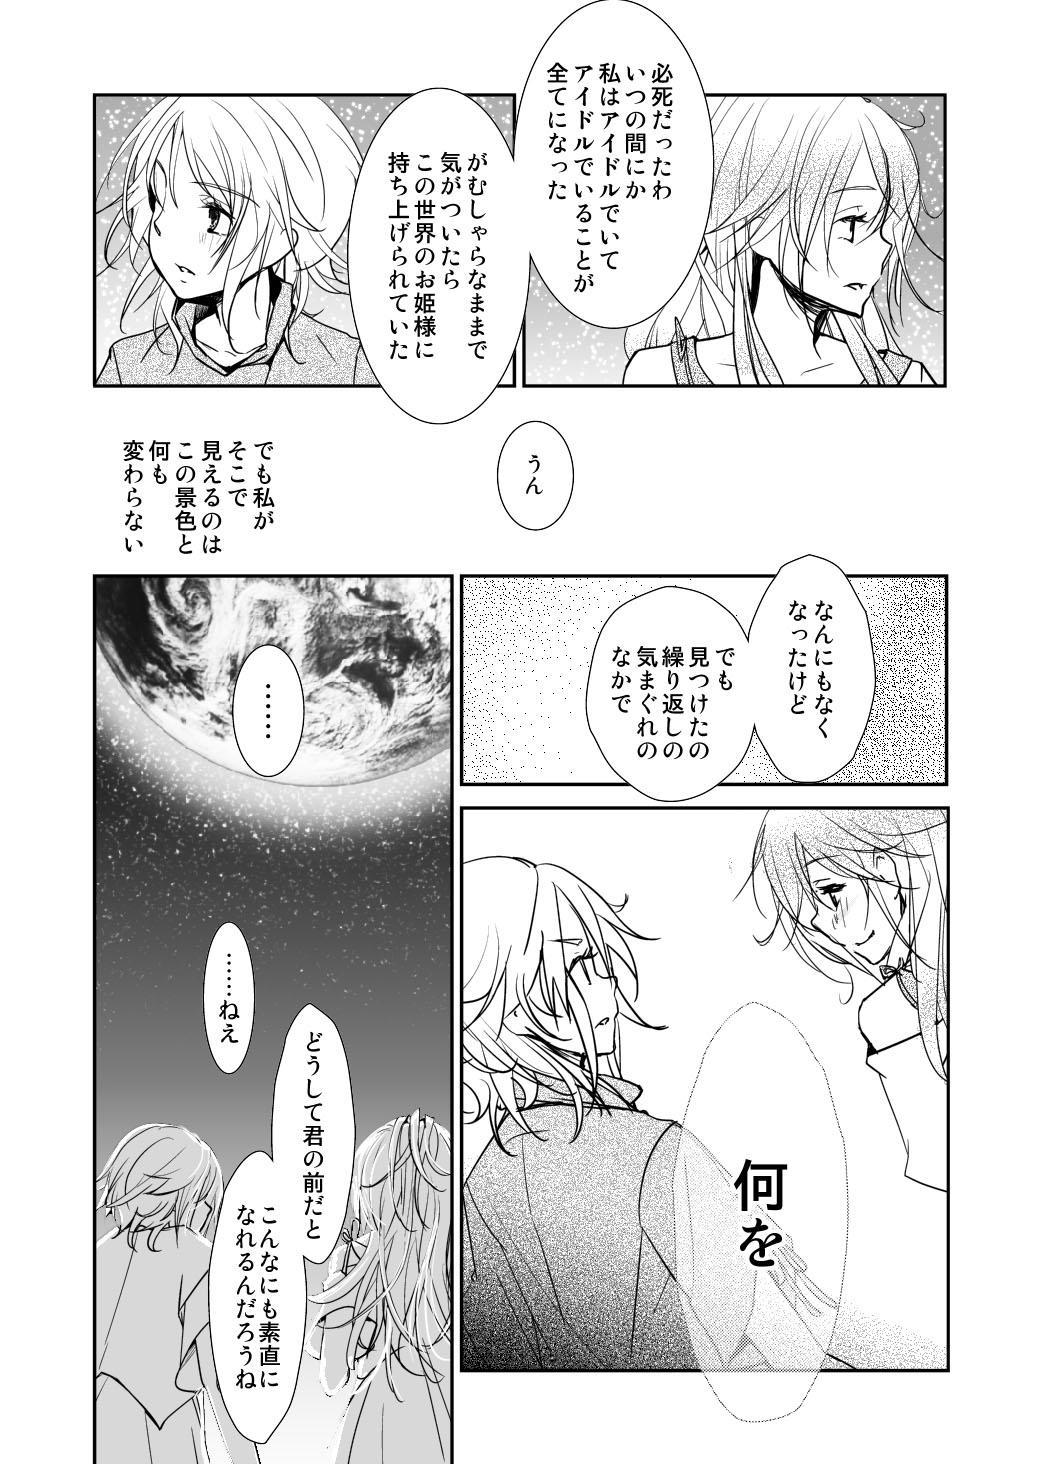 Yakusoku no Sora to Kimigaita Basho 1 ~ 2 17